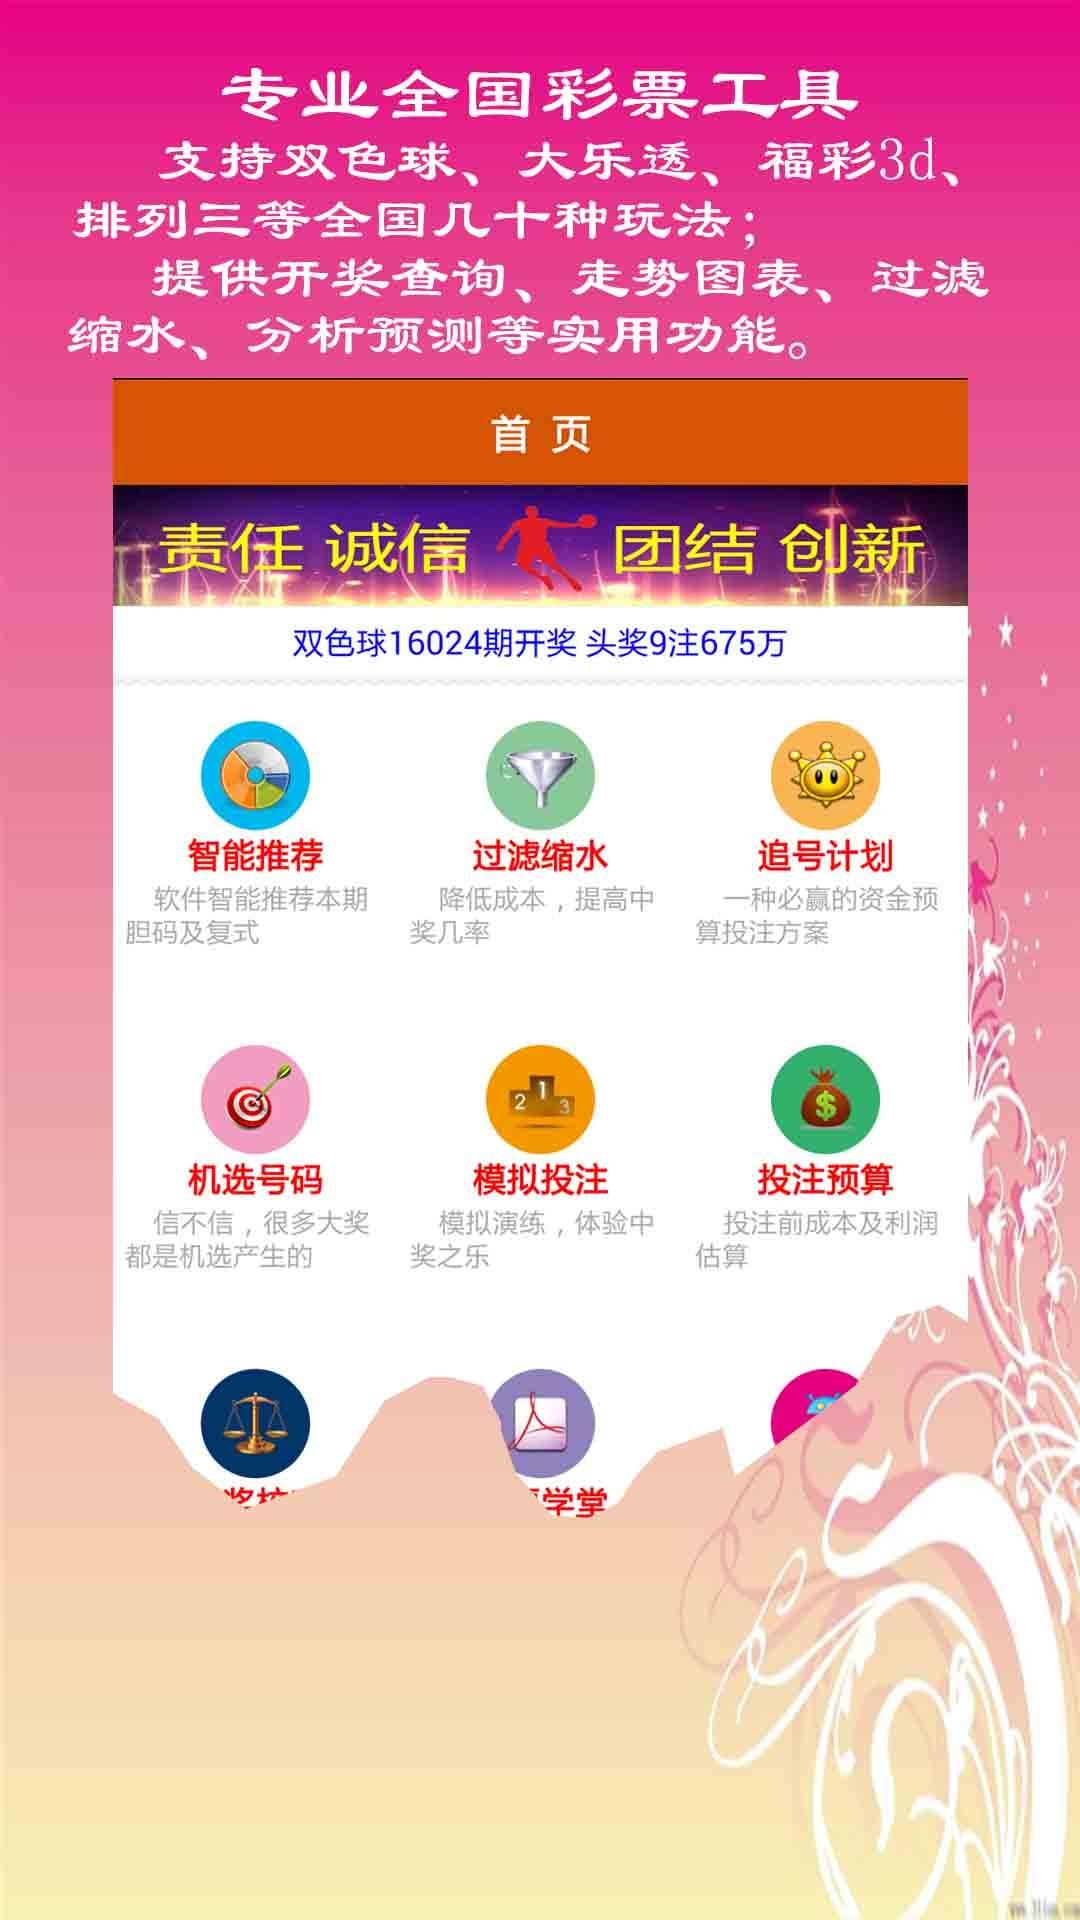 中国体育彩票手机版下载|v2.5.86官方2020手机